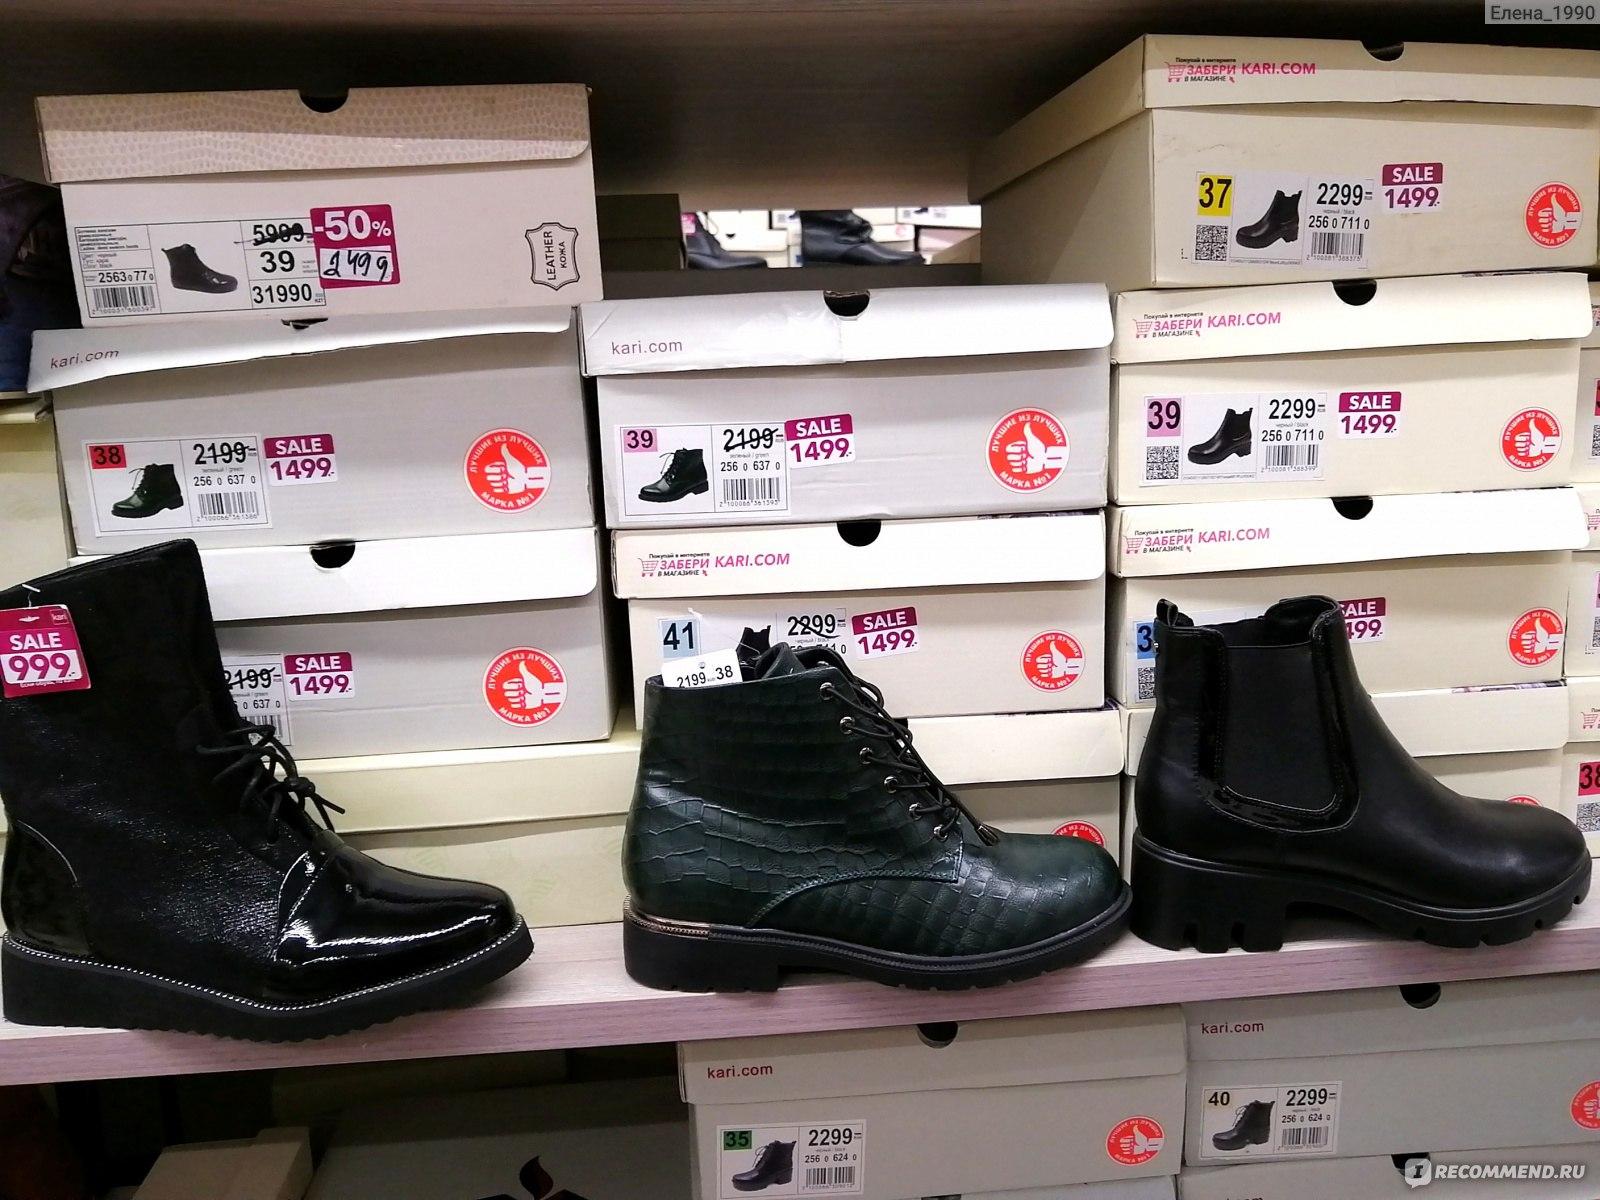 Сайт Обувного Магазина Кари